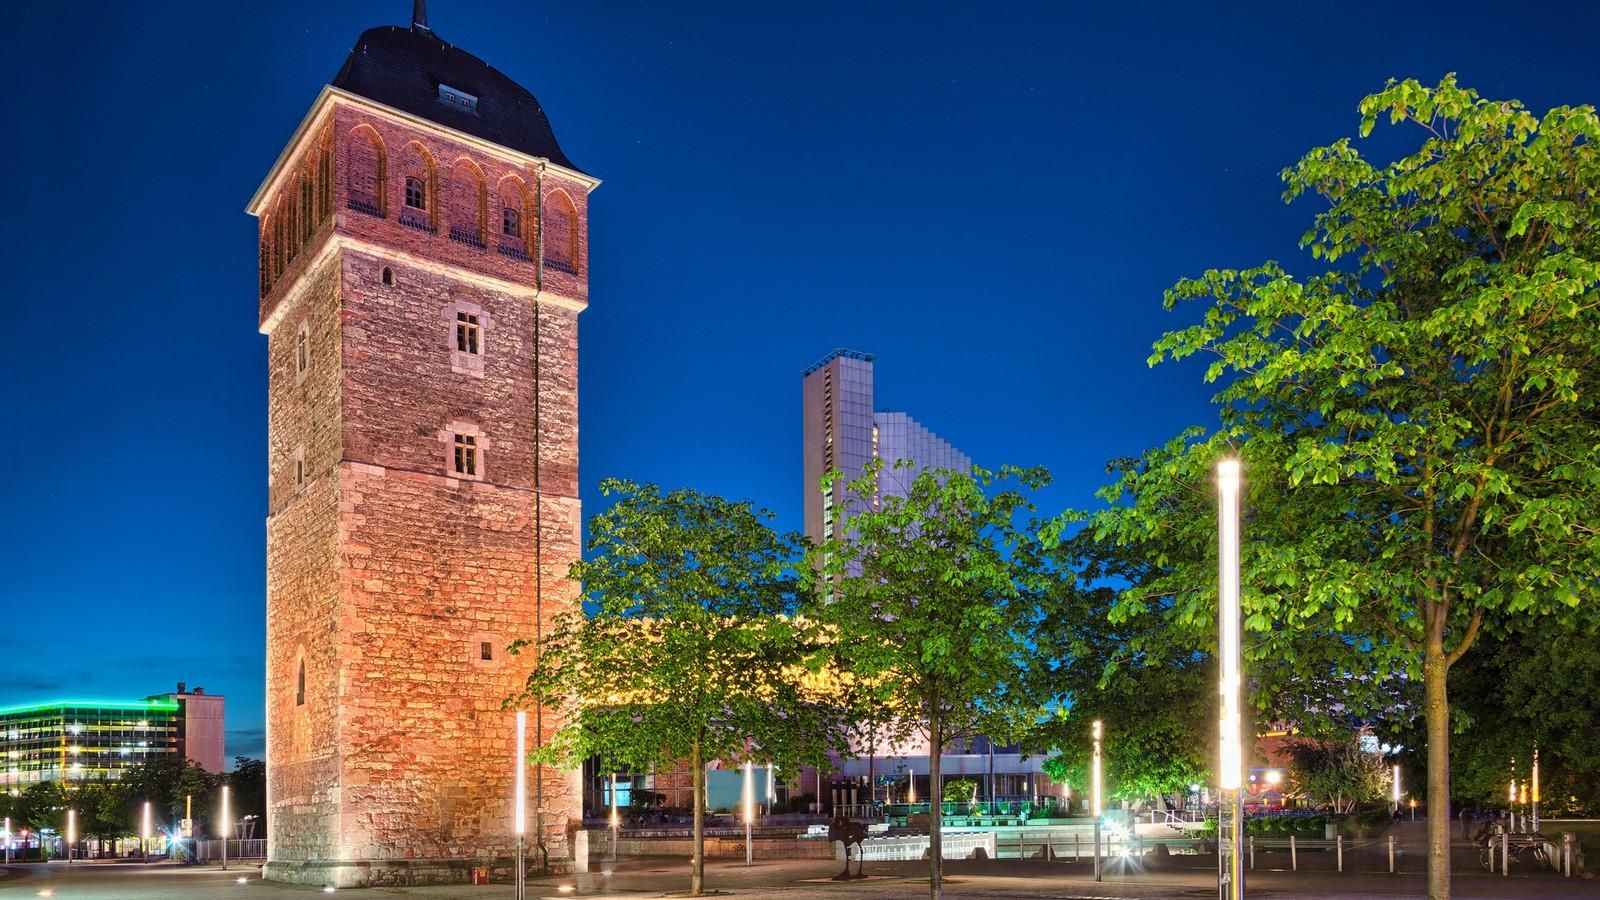 Der Rote Turm in Chemnitz